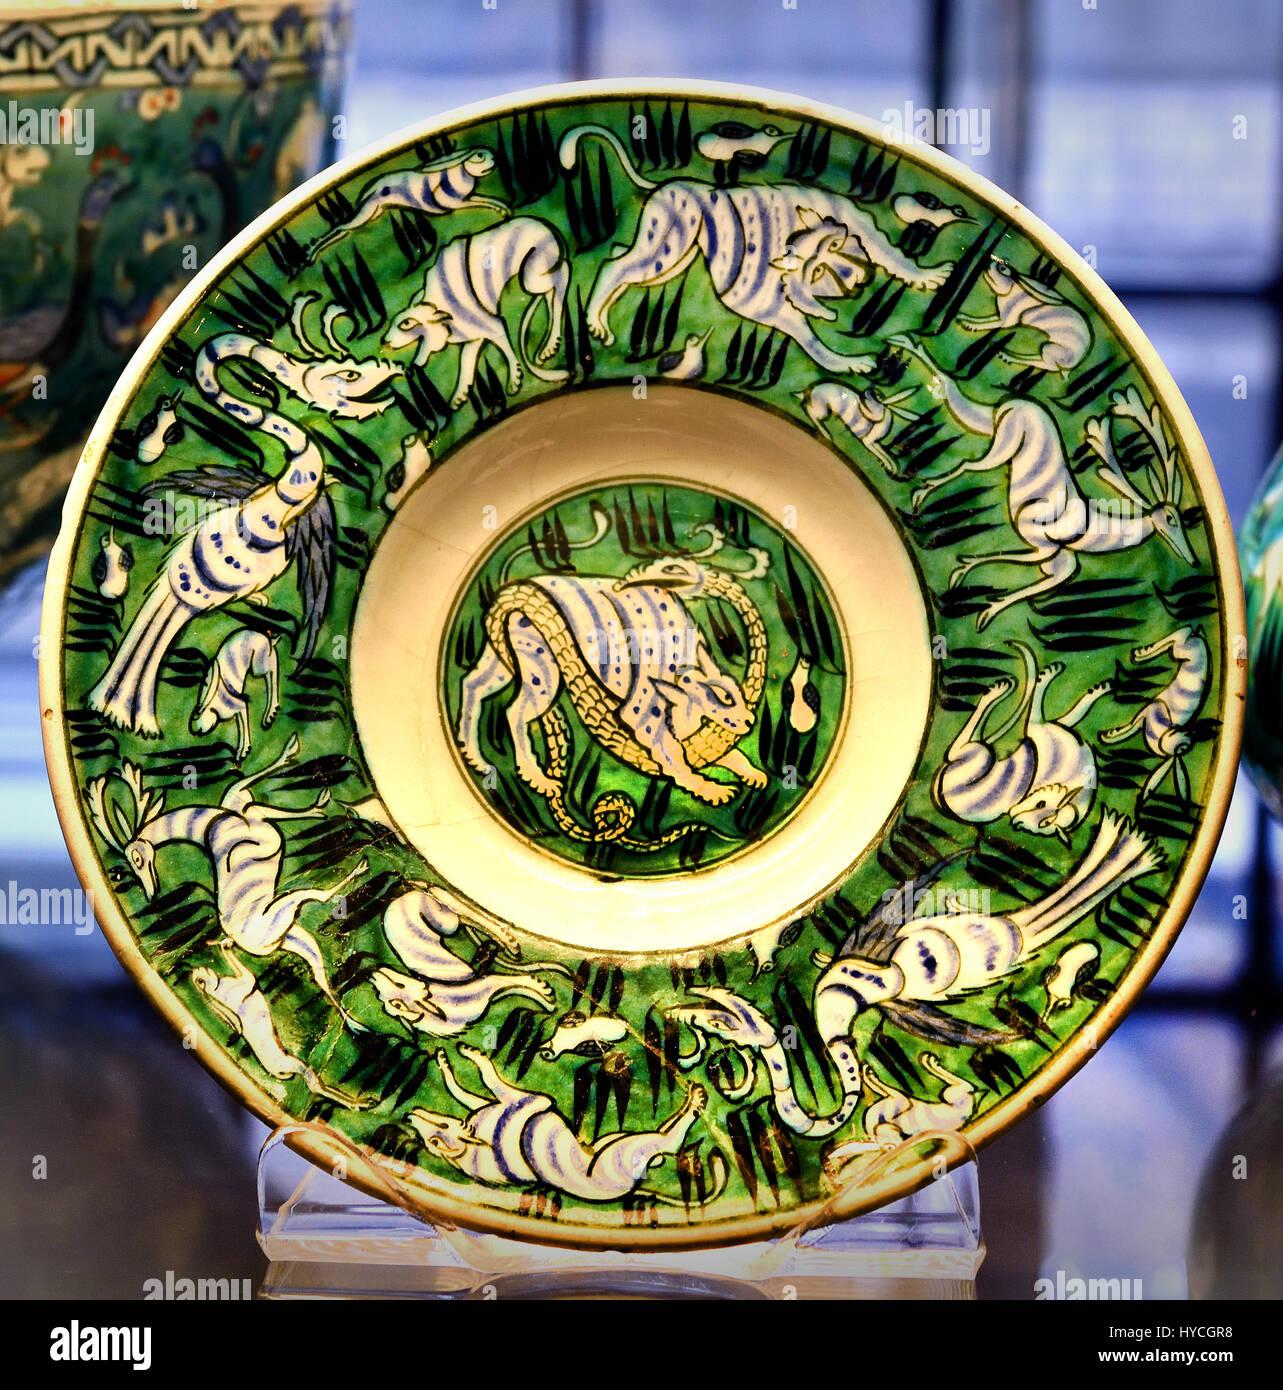 Plat à décor avec du vrai et créatures fantastiques dont un oiseau mythique iranien Simurgh ( ) dynastie Photo Stock